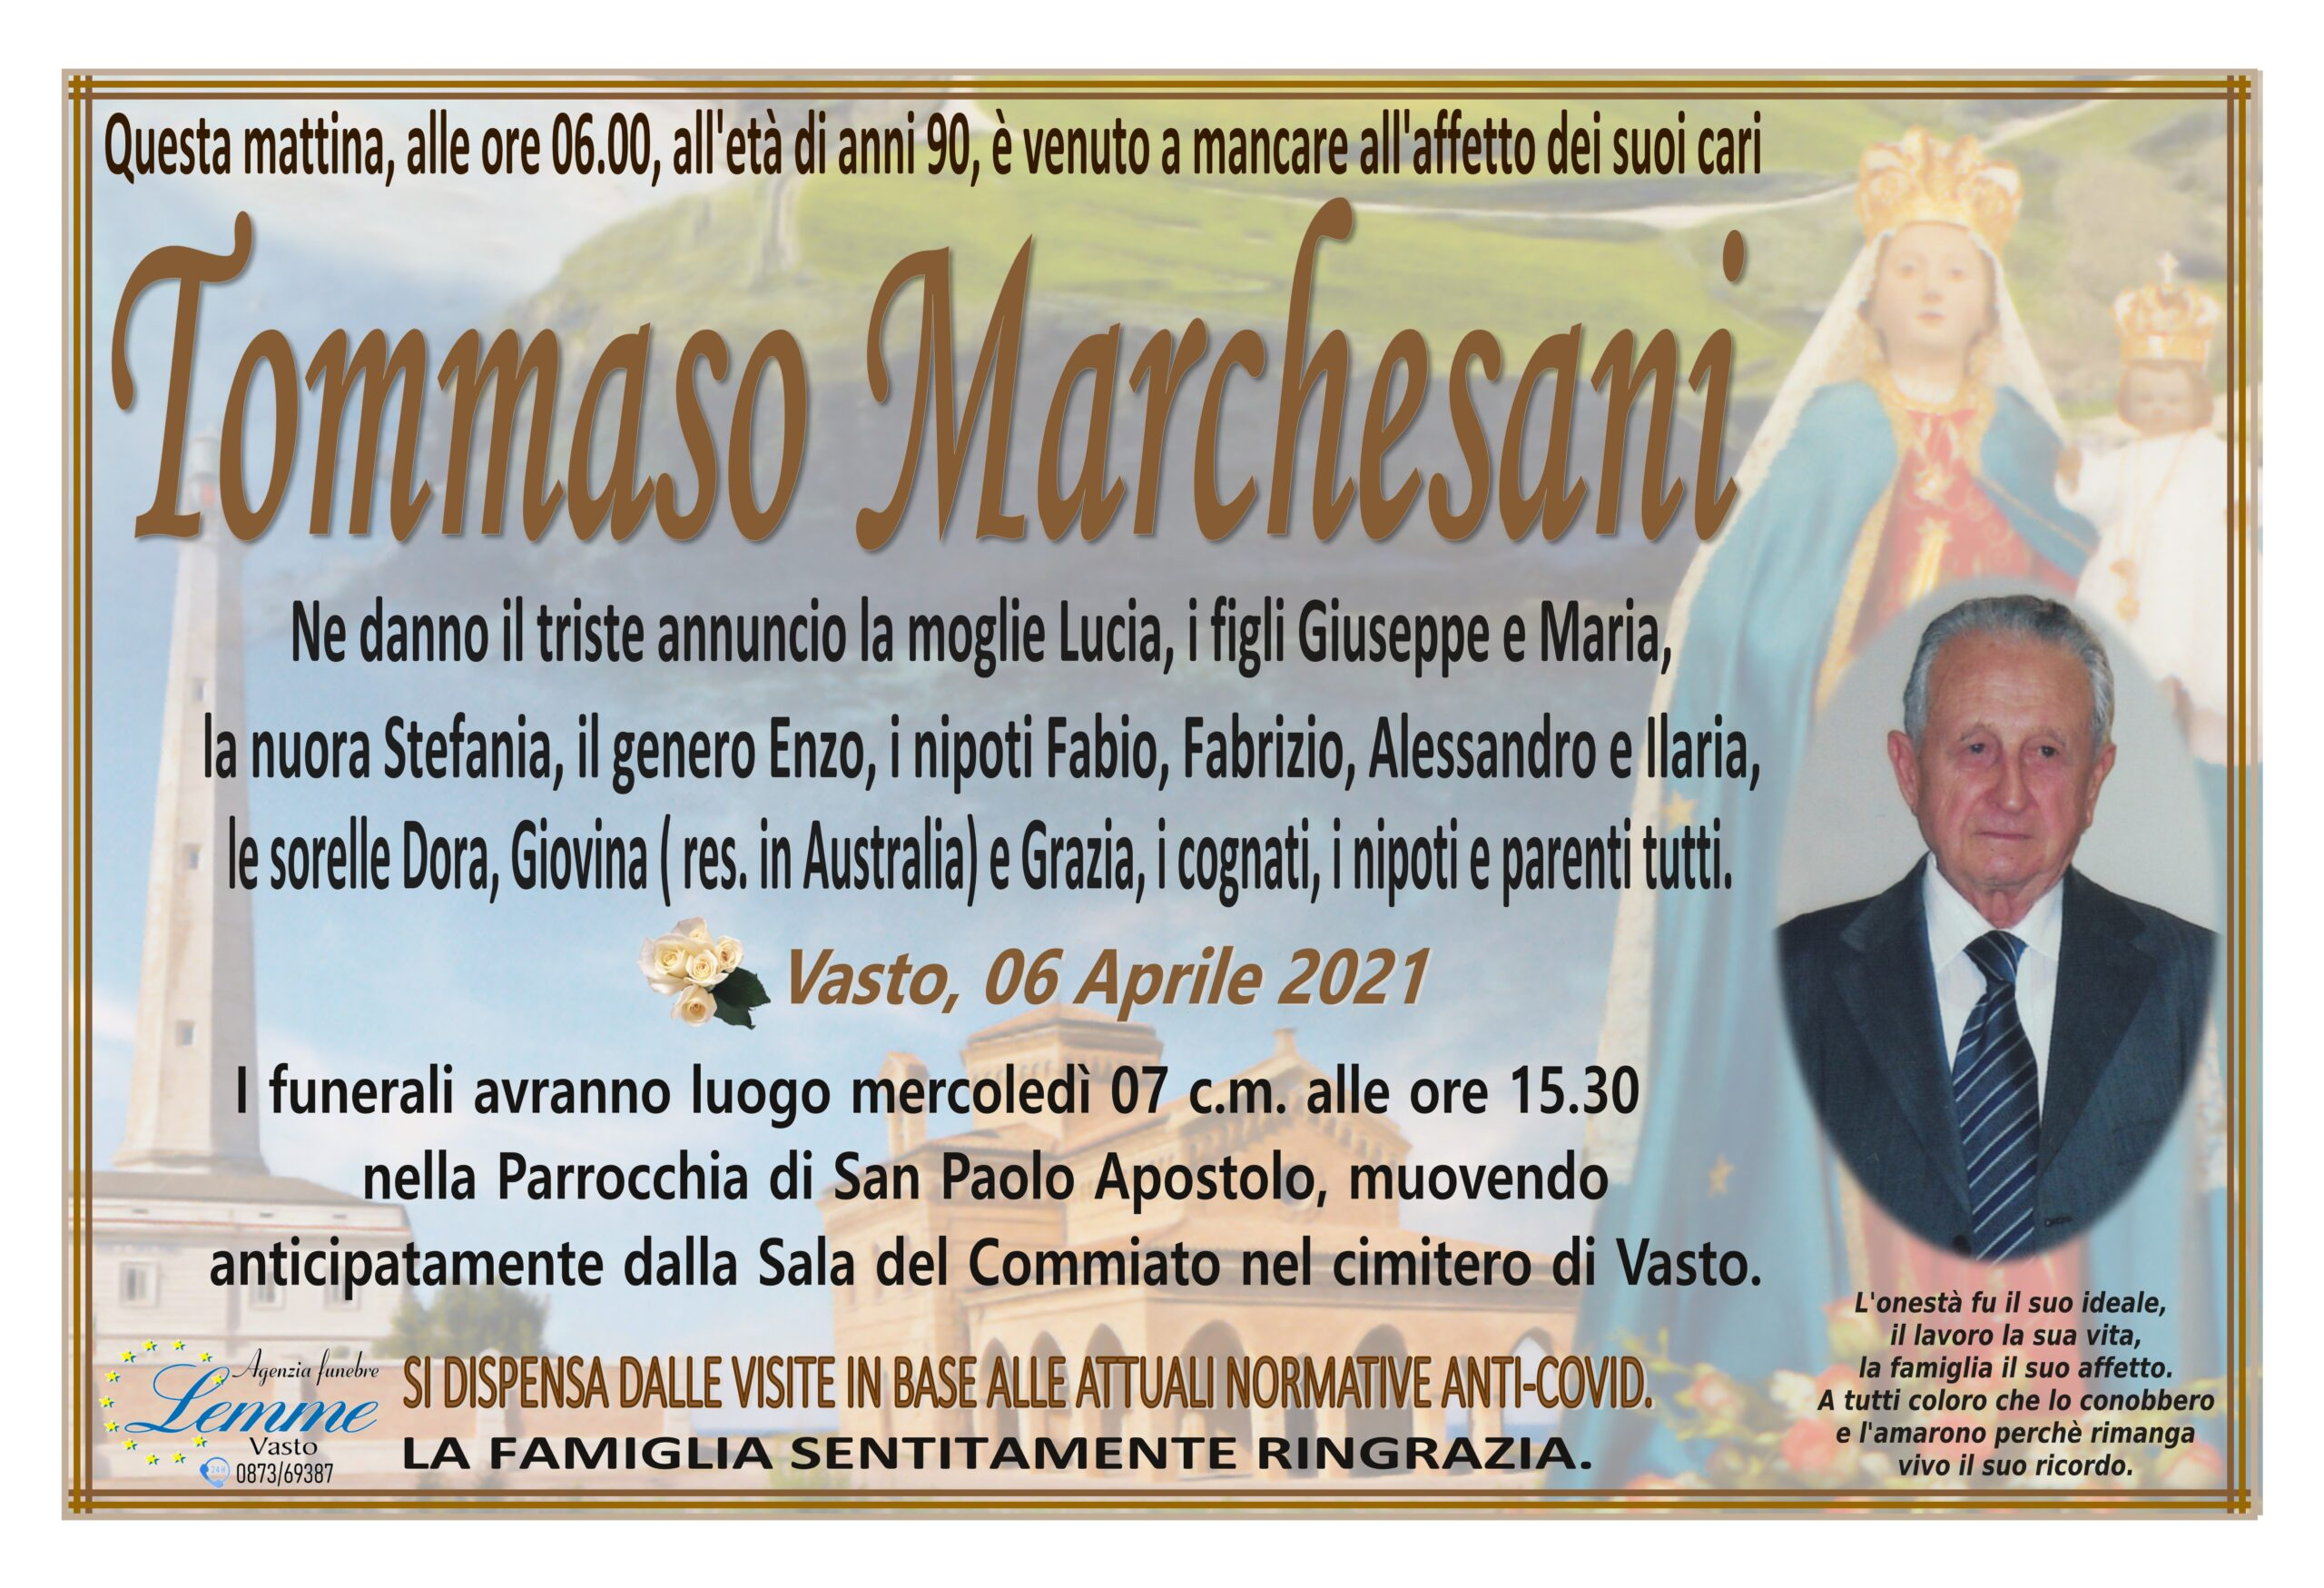 TOMMASO MARCHESANI